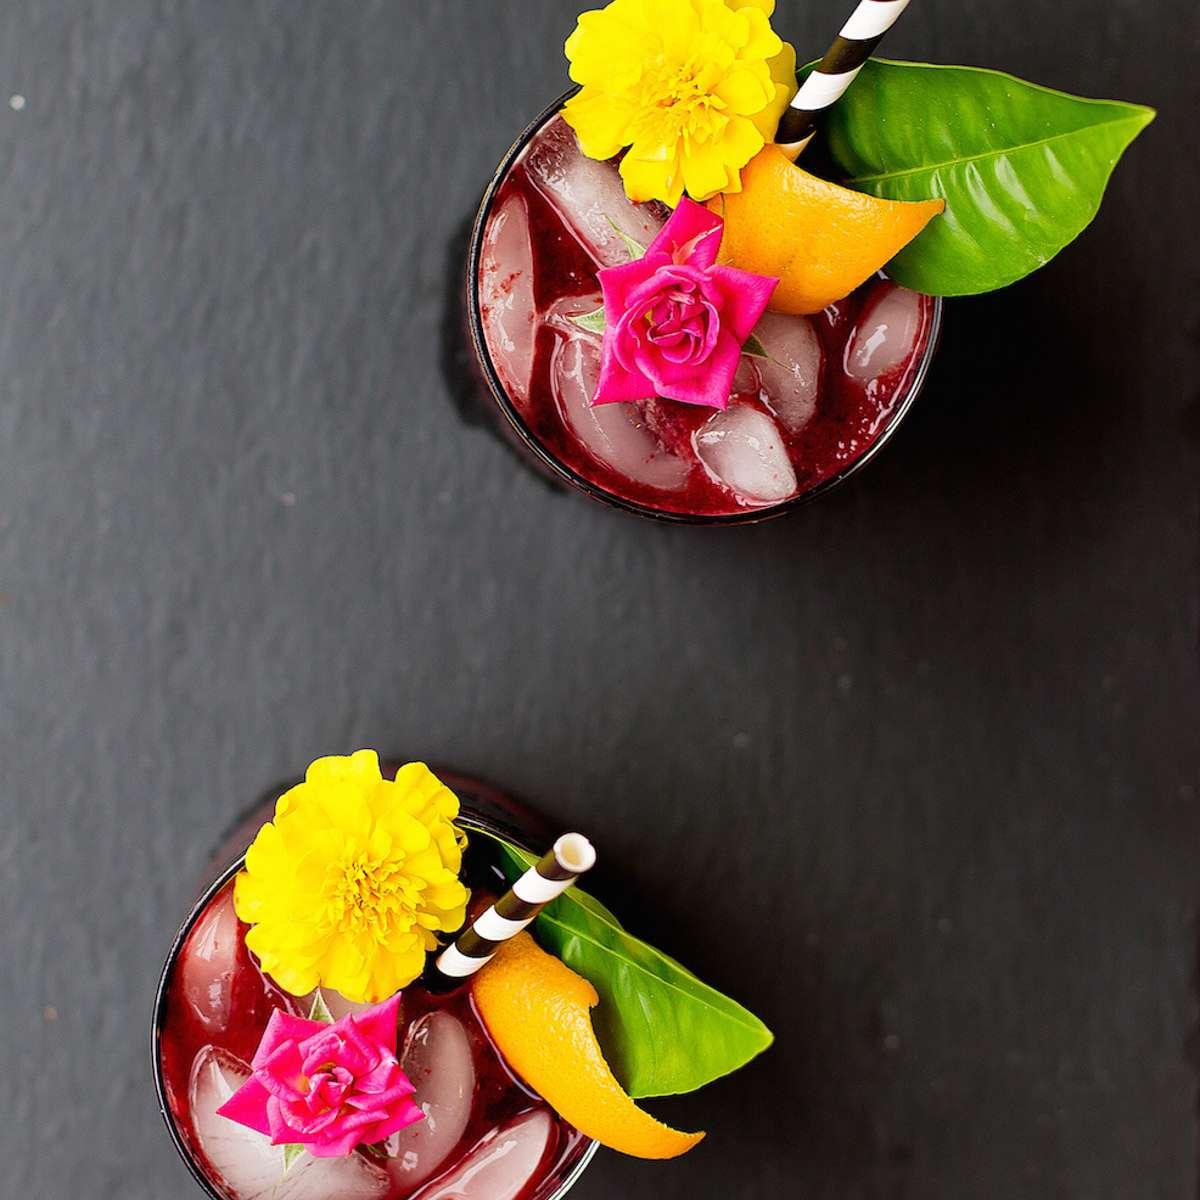 Cócteles adornados con flores comestibles.